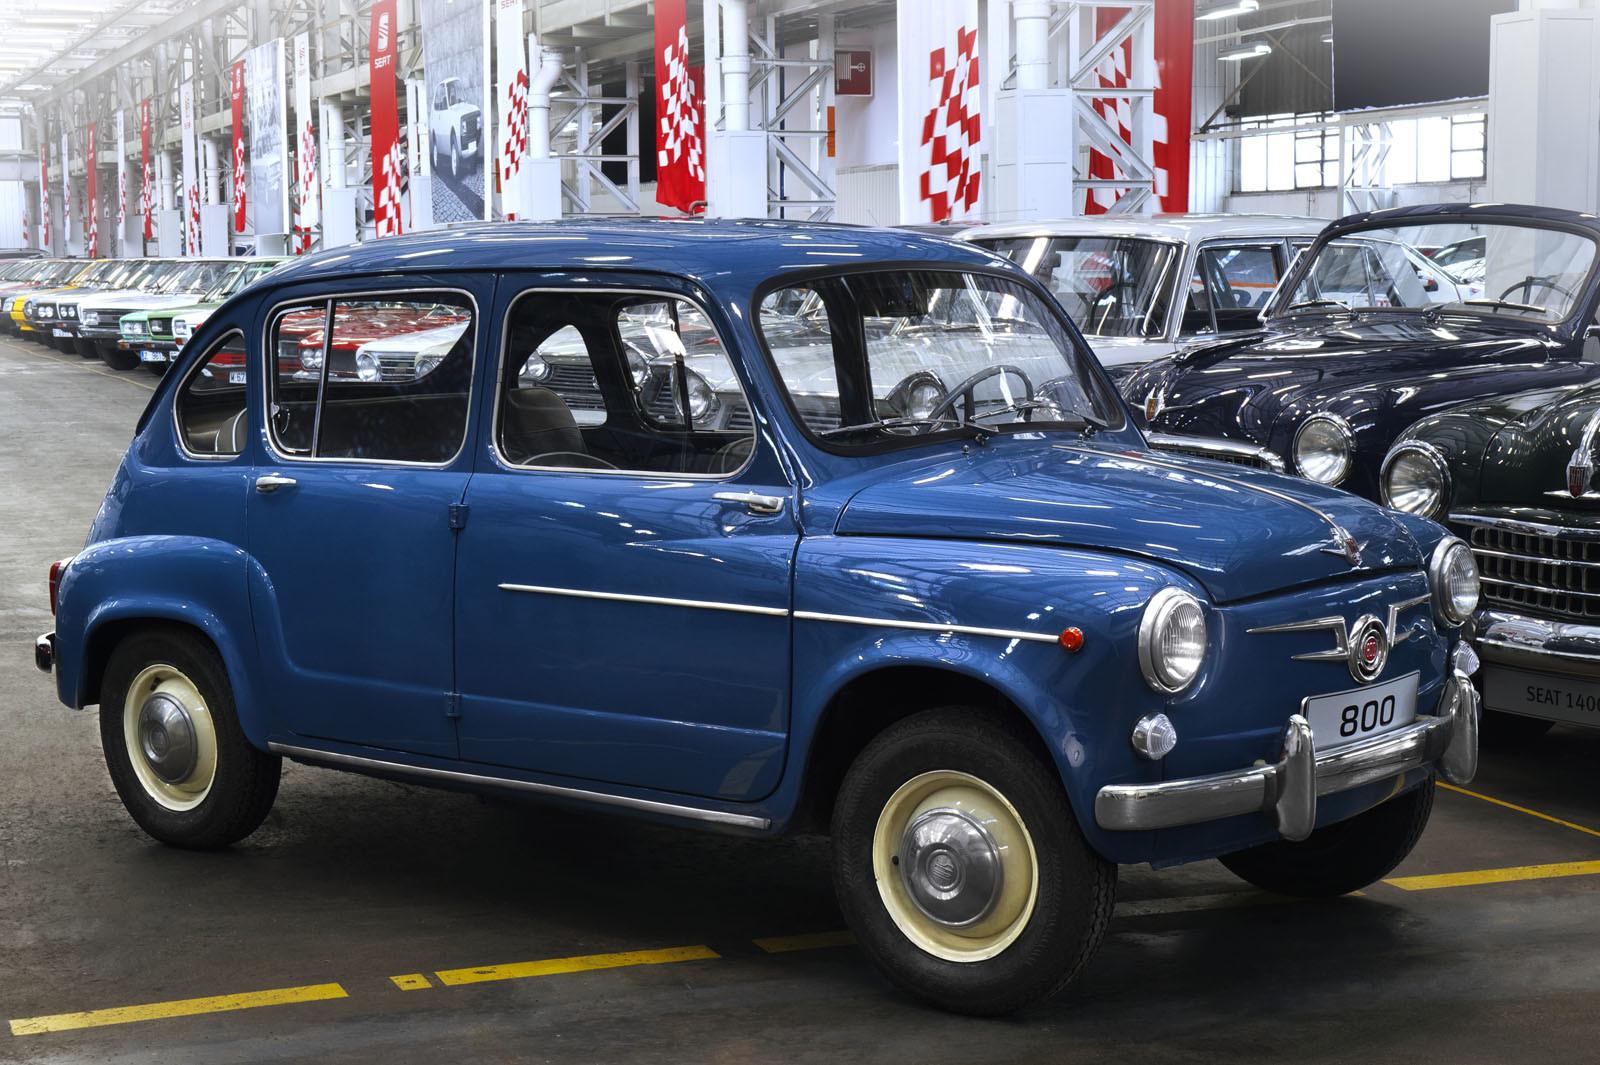 Foto de SEAT 600 (50 Aniversario) (36/64)